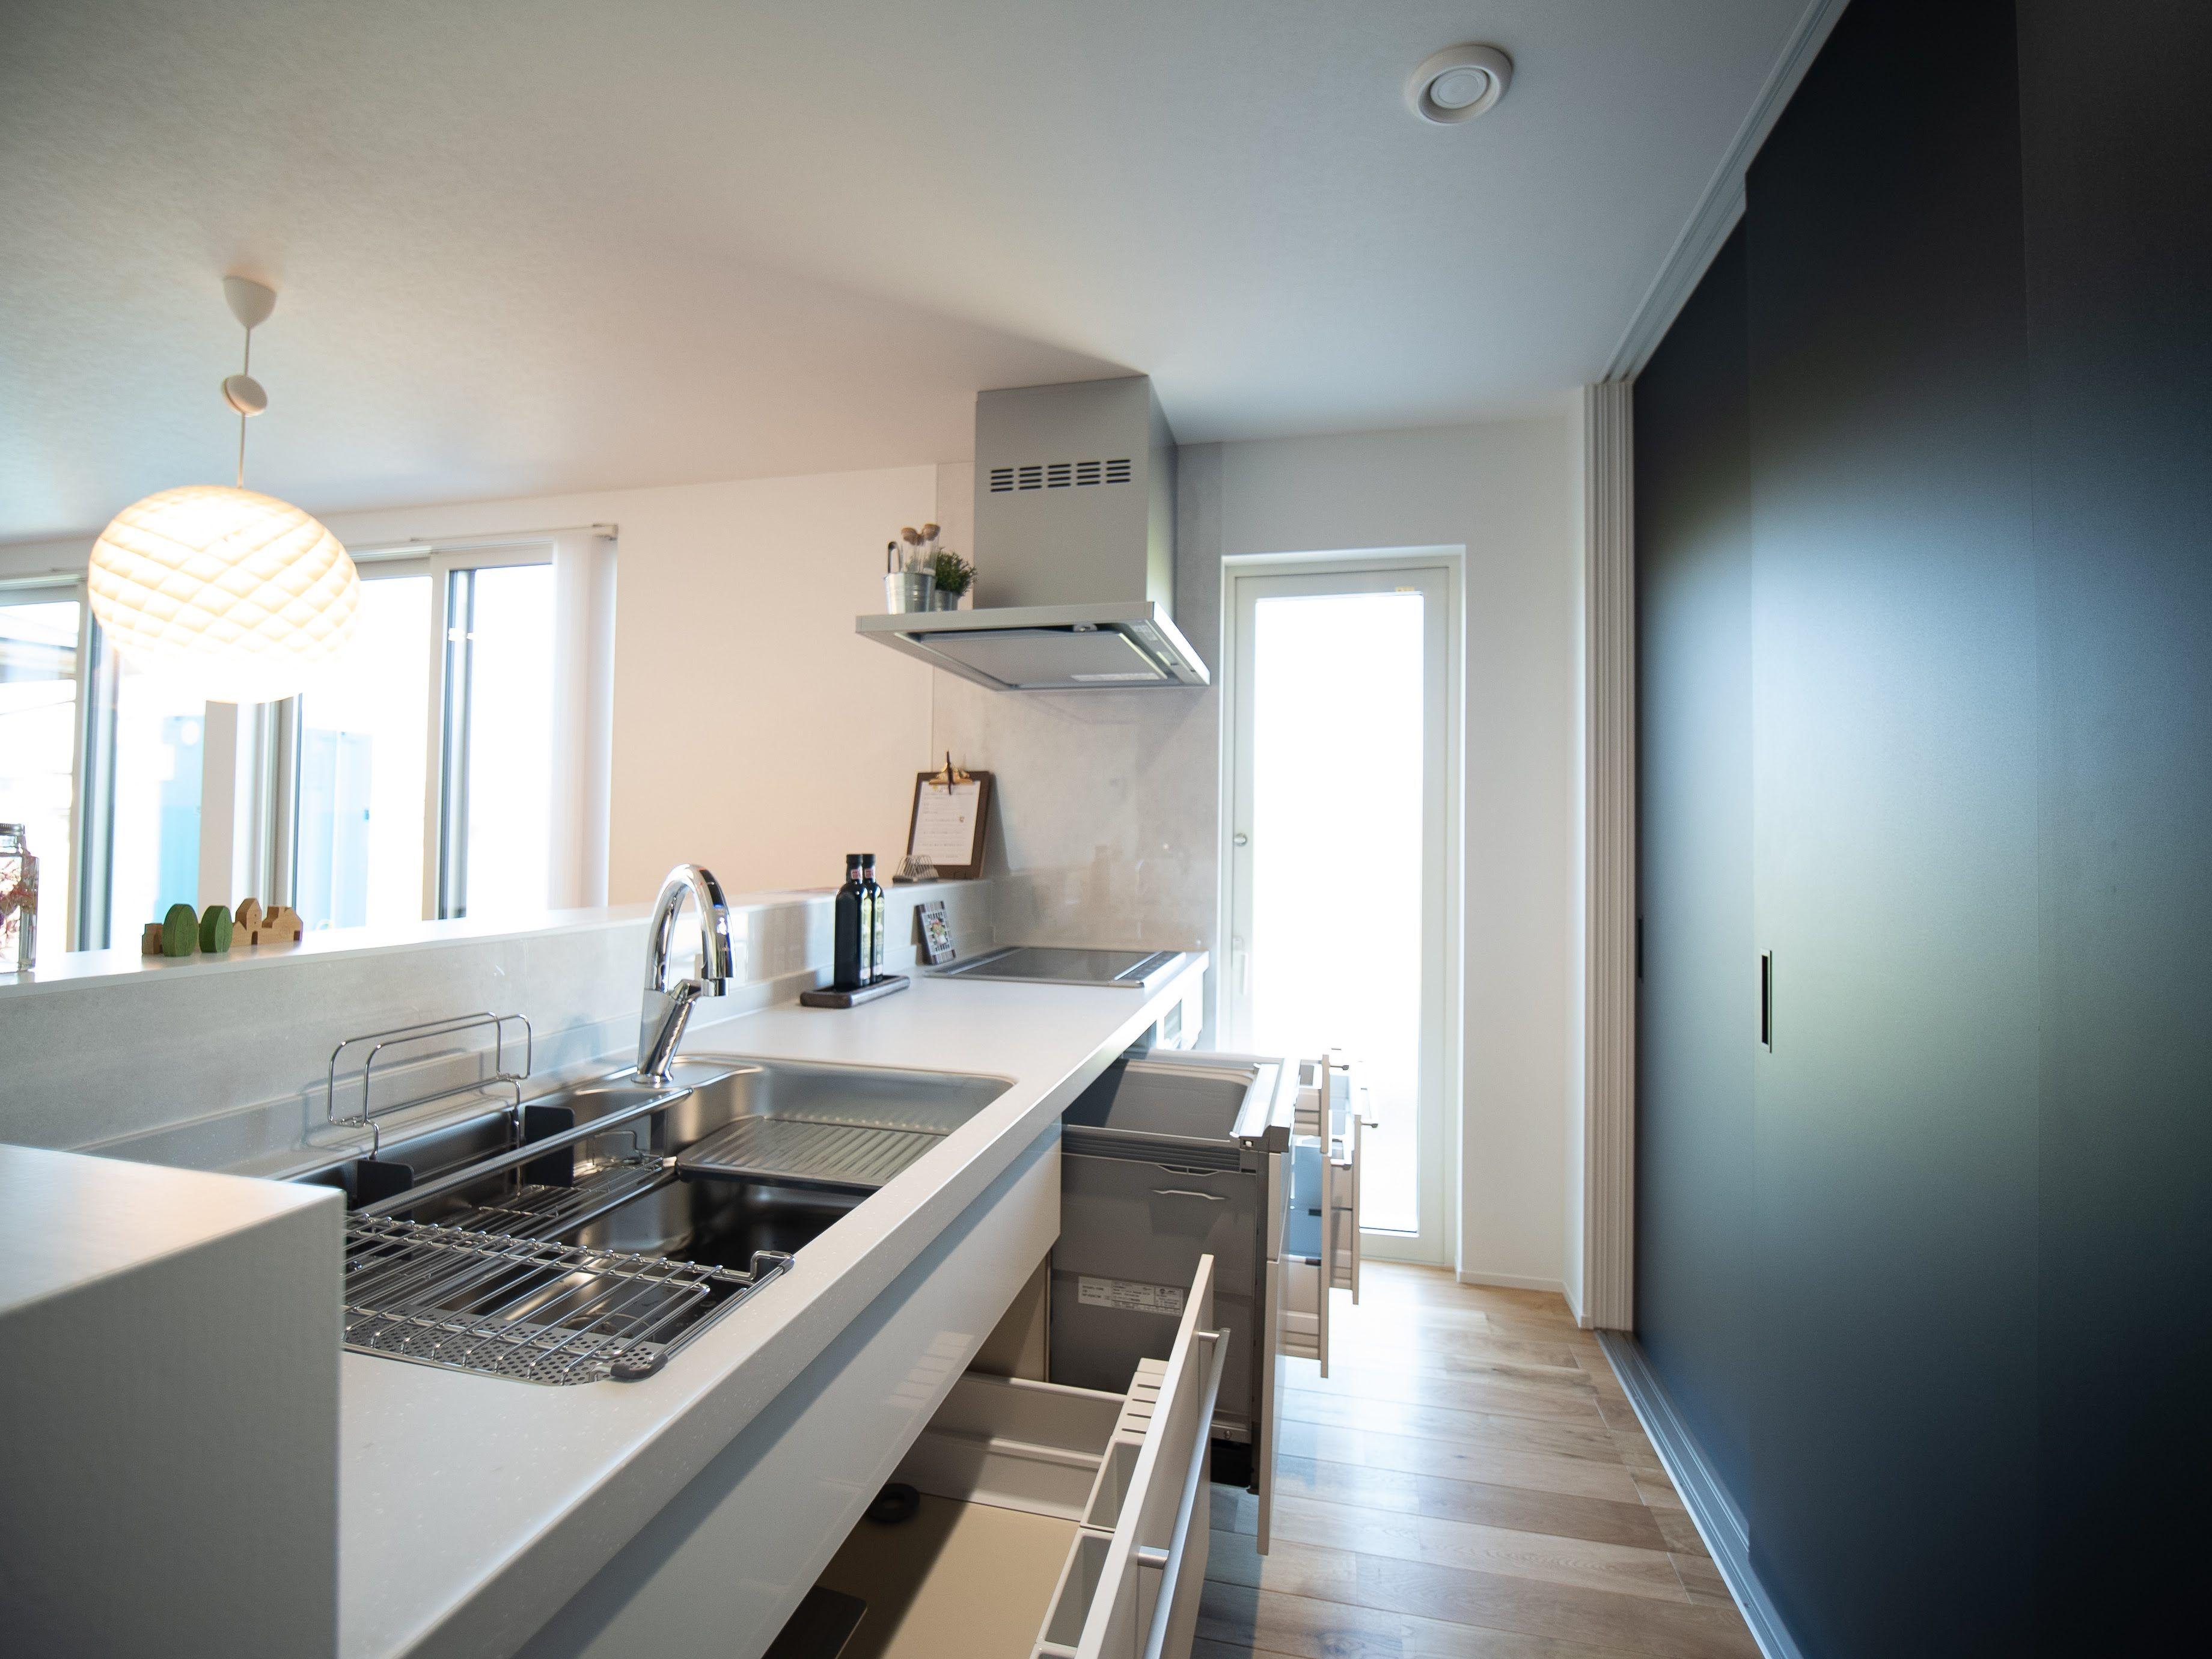 あなたにぴったりの住宅会社 注文住宅を 写真 でさがす 家事楽なシンプルモダンなキッチンがあるおしゃれな住まい 2020 キッチン シンプルモダンな家 注文住宅